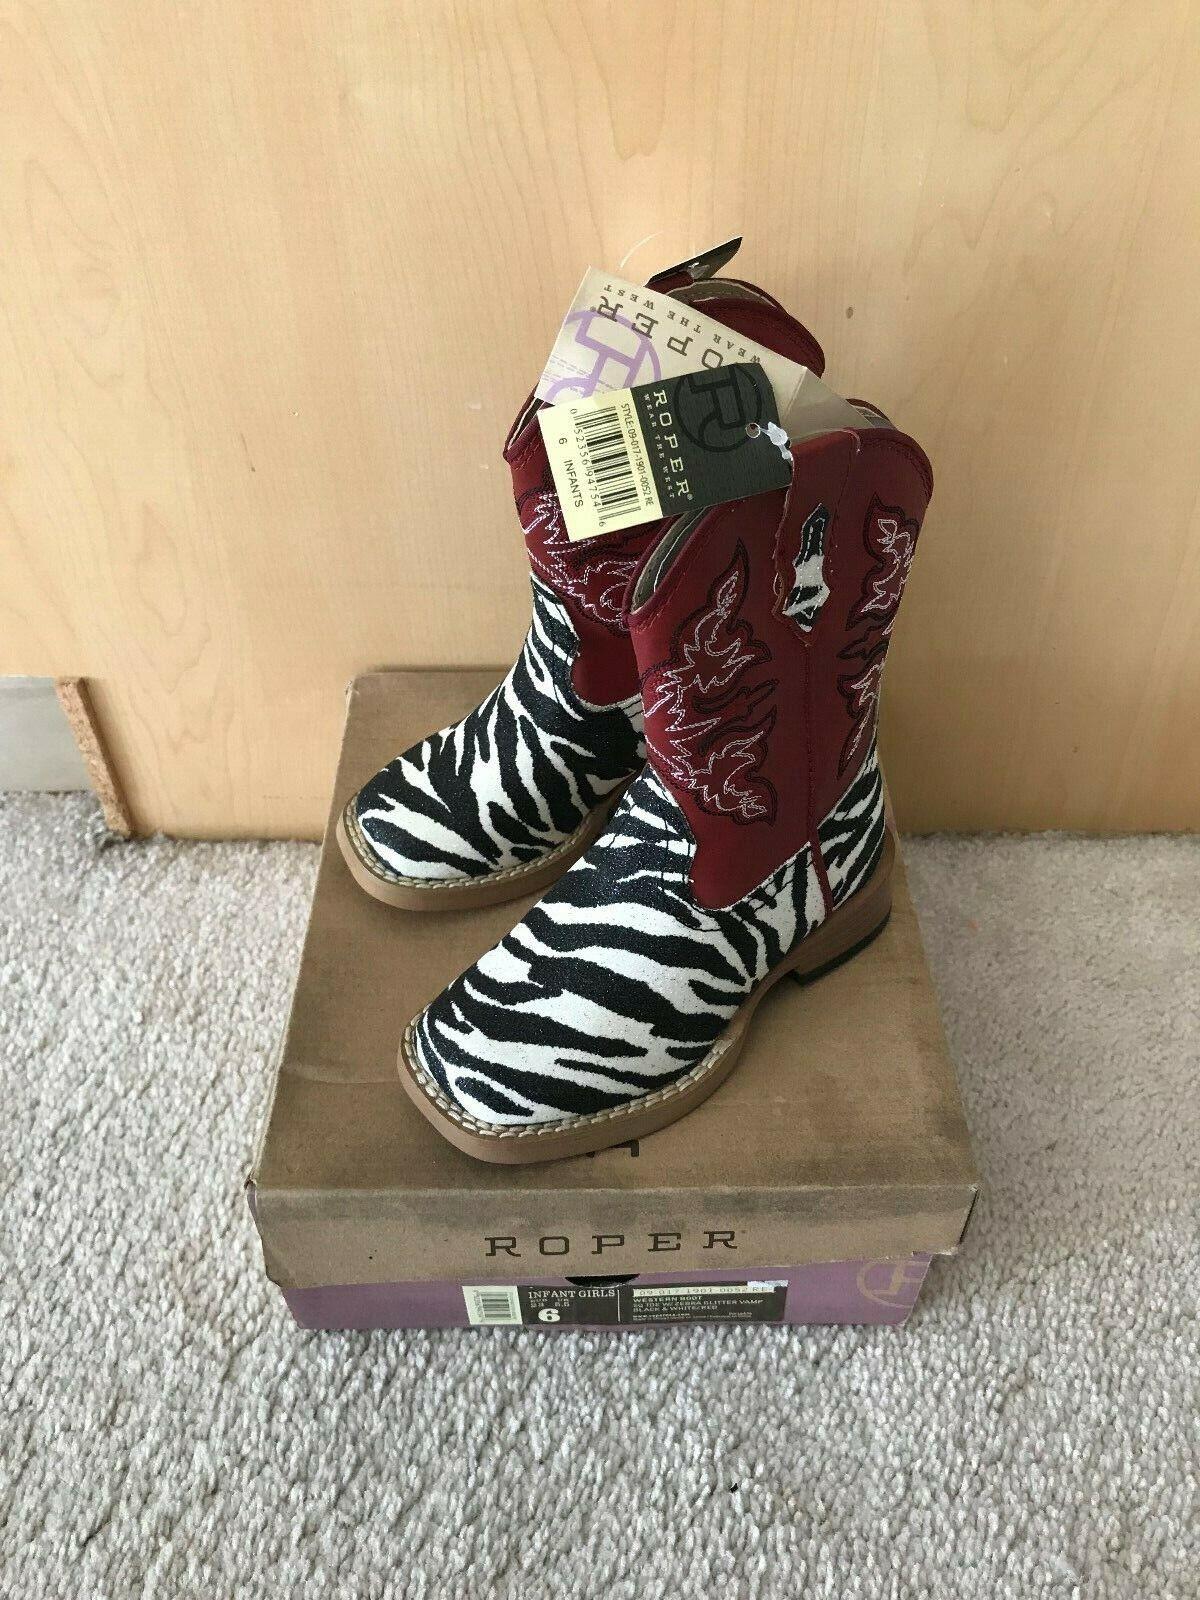 Roper Brillo Cebra Infantil Girl's Occidental botas Rojo Talla 6 Nuevo En Caja